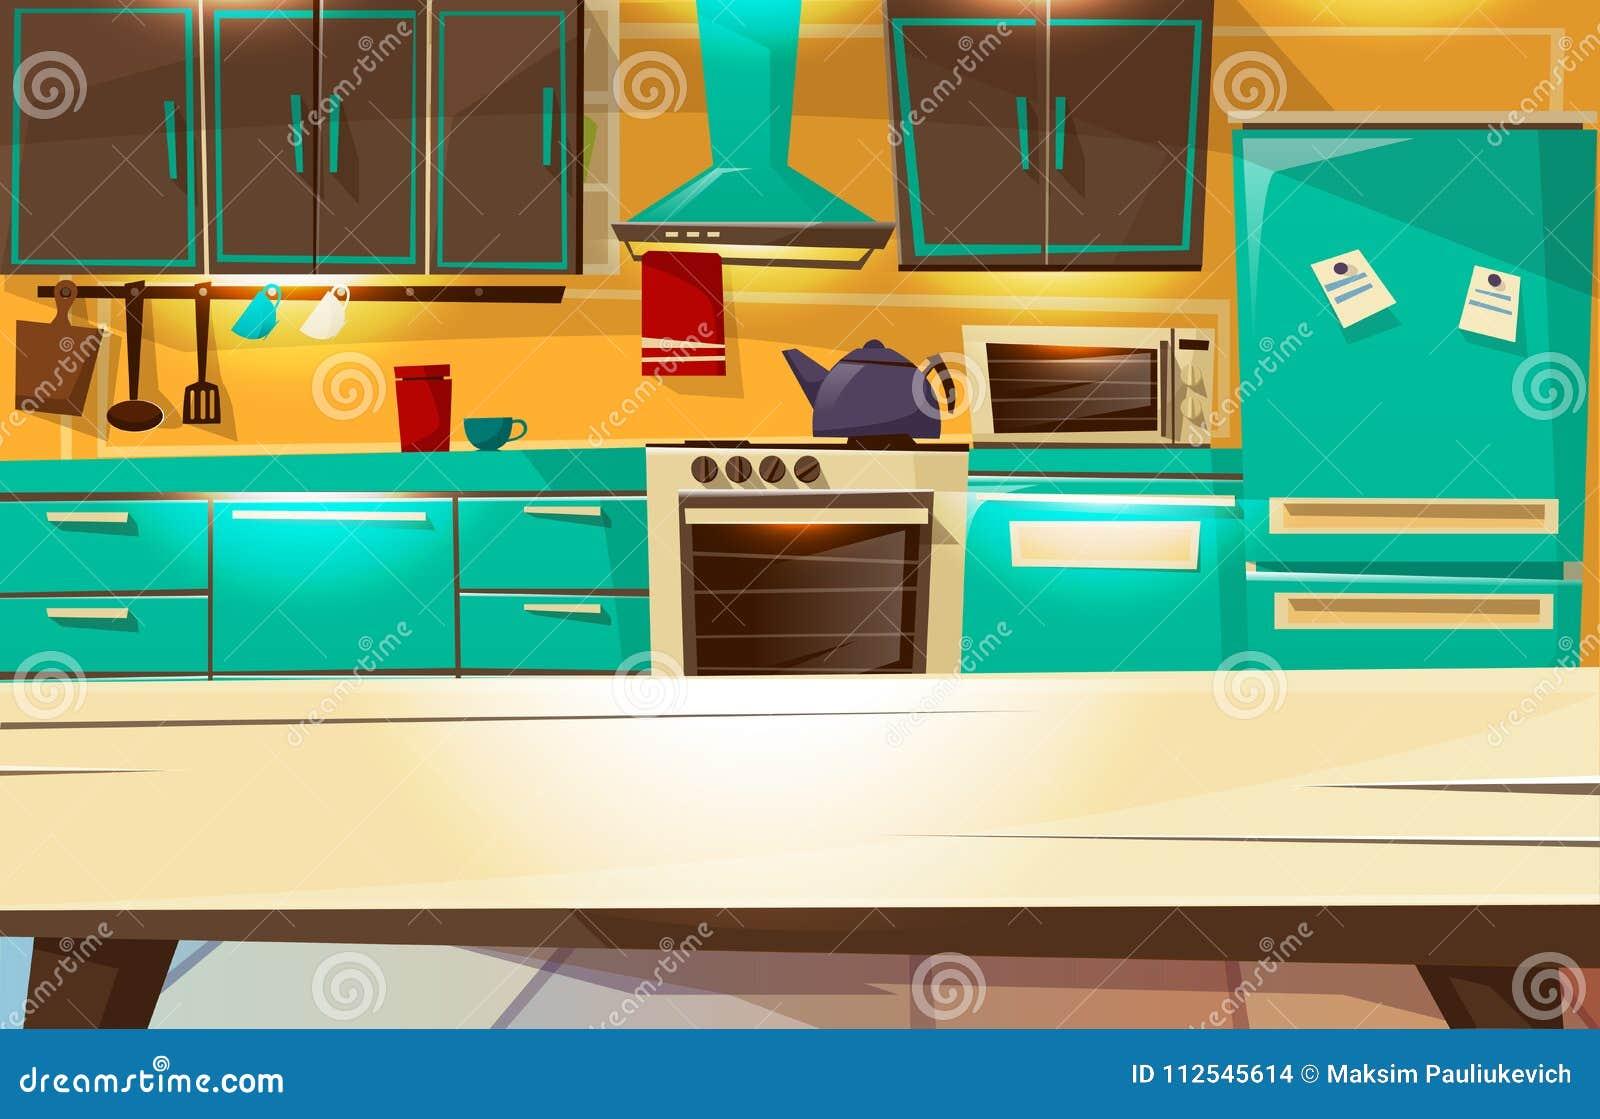 Moderne Retro Keuken : Keuken binnenlandse achtergrond vectorbeeldverhaalillustratie van